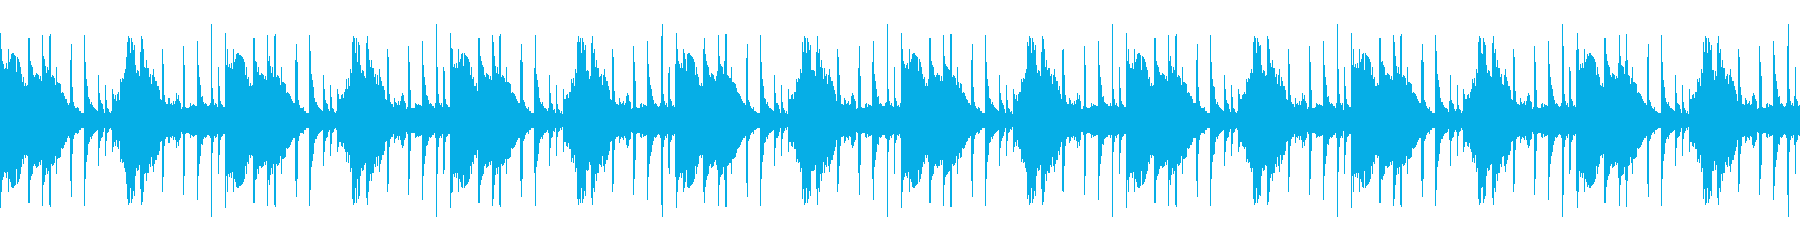 軌道ループ1の再生済みの波形